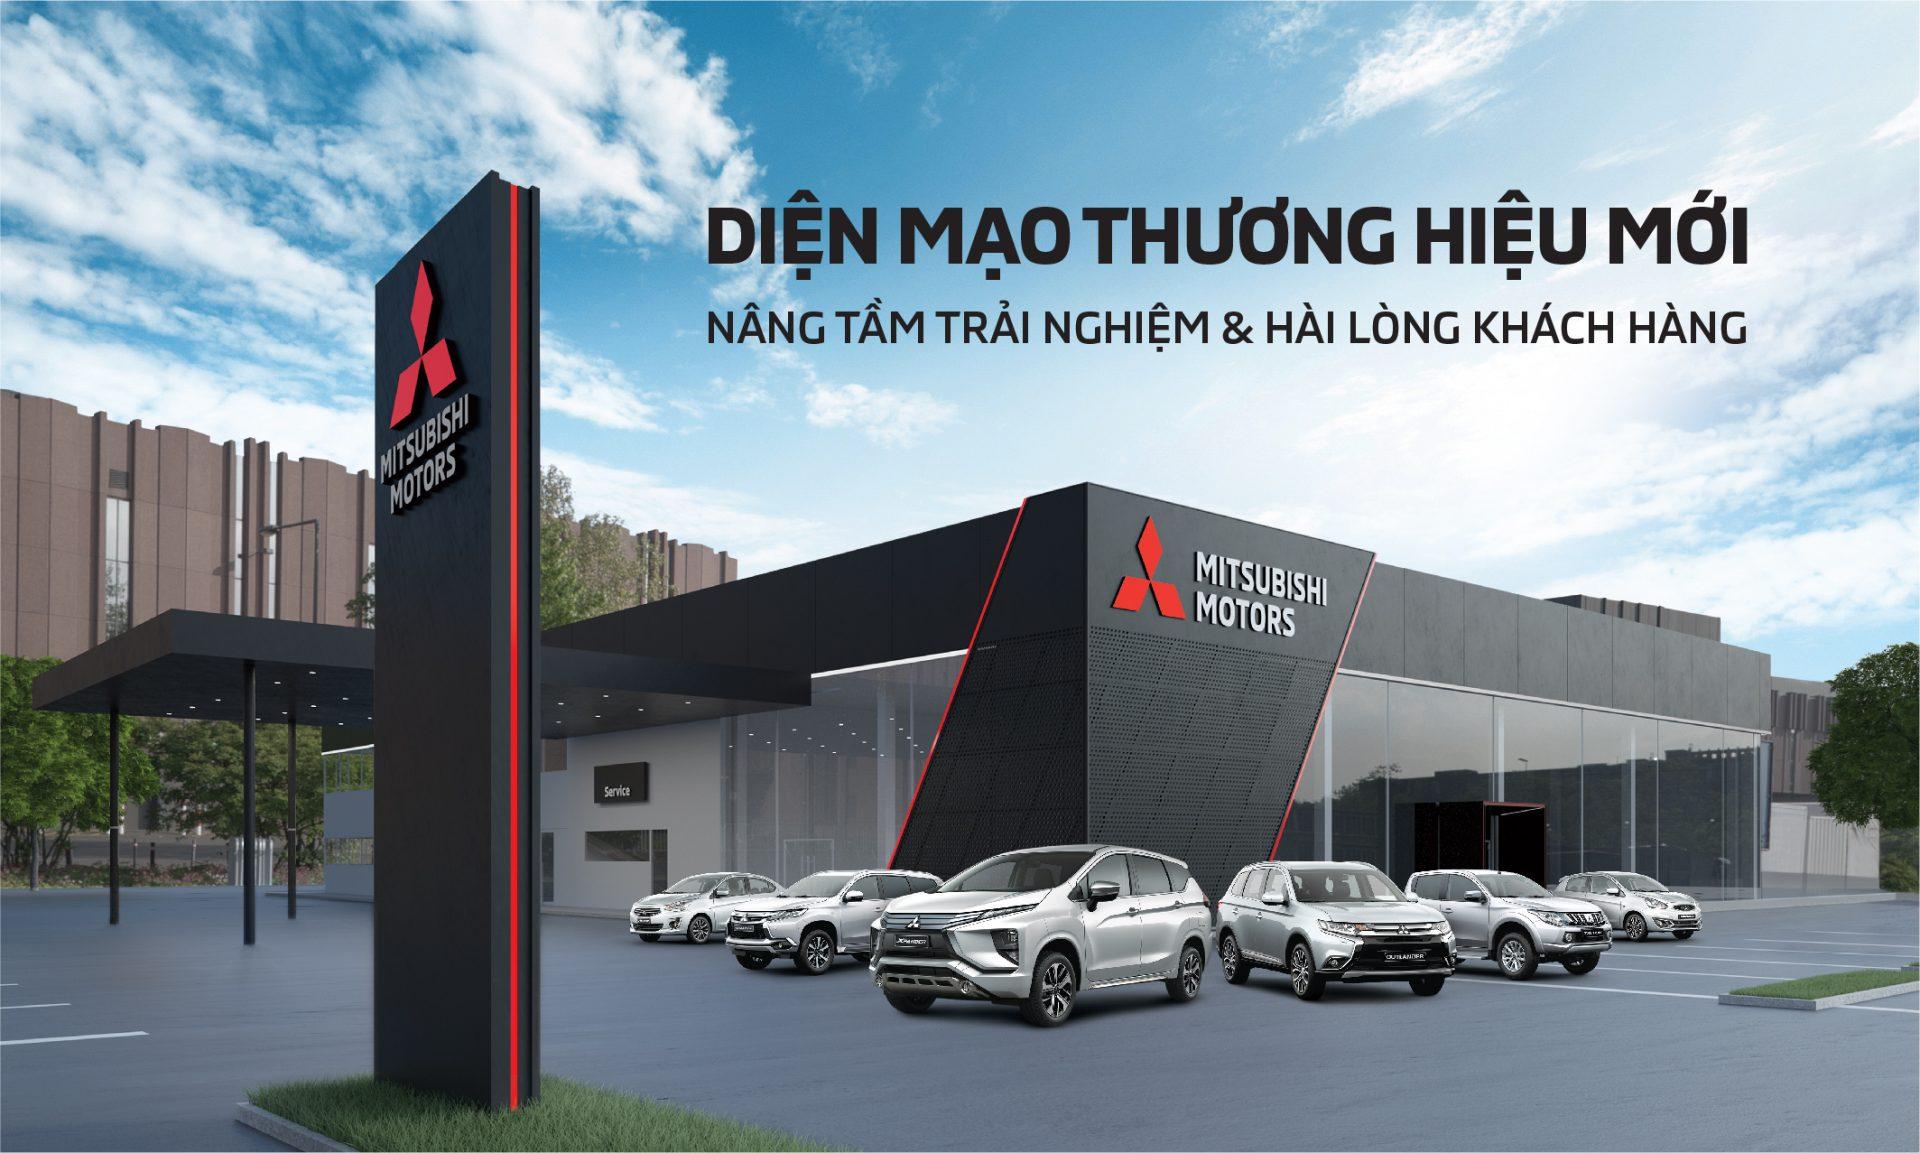 Mitsubishi Bảo Lộc Lâm Đồng 2